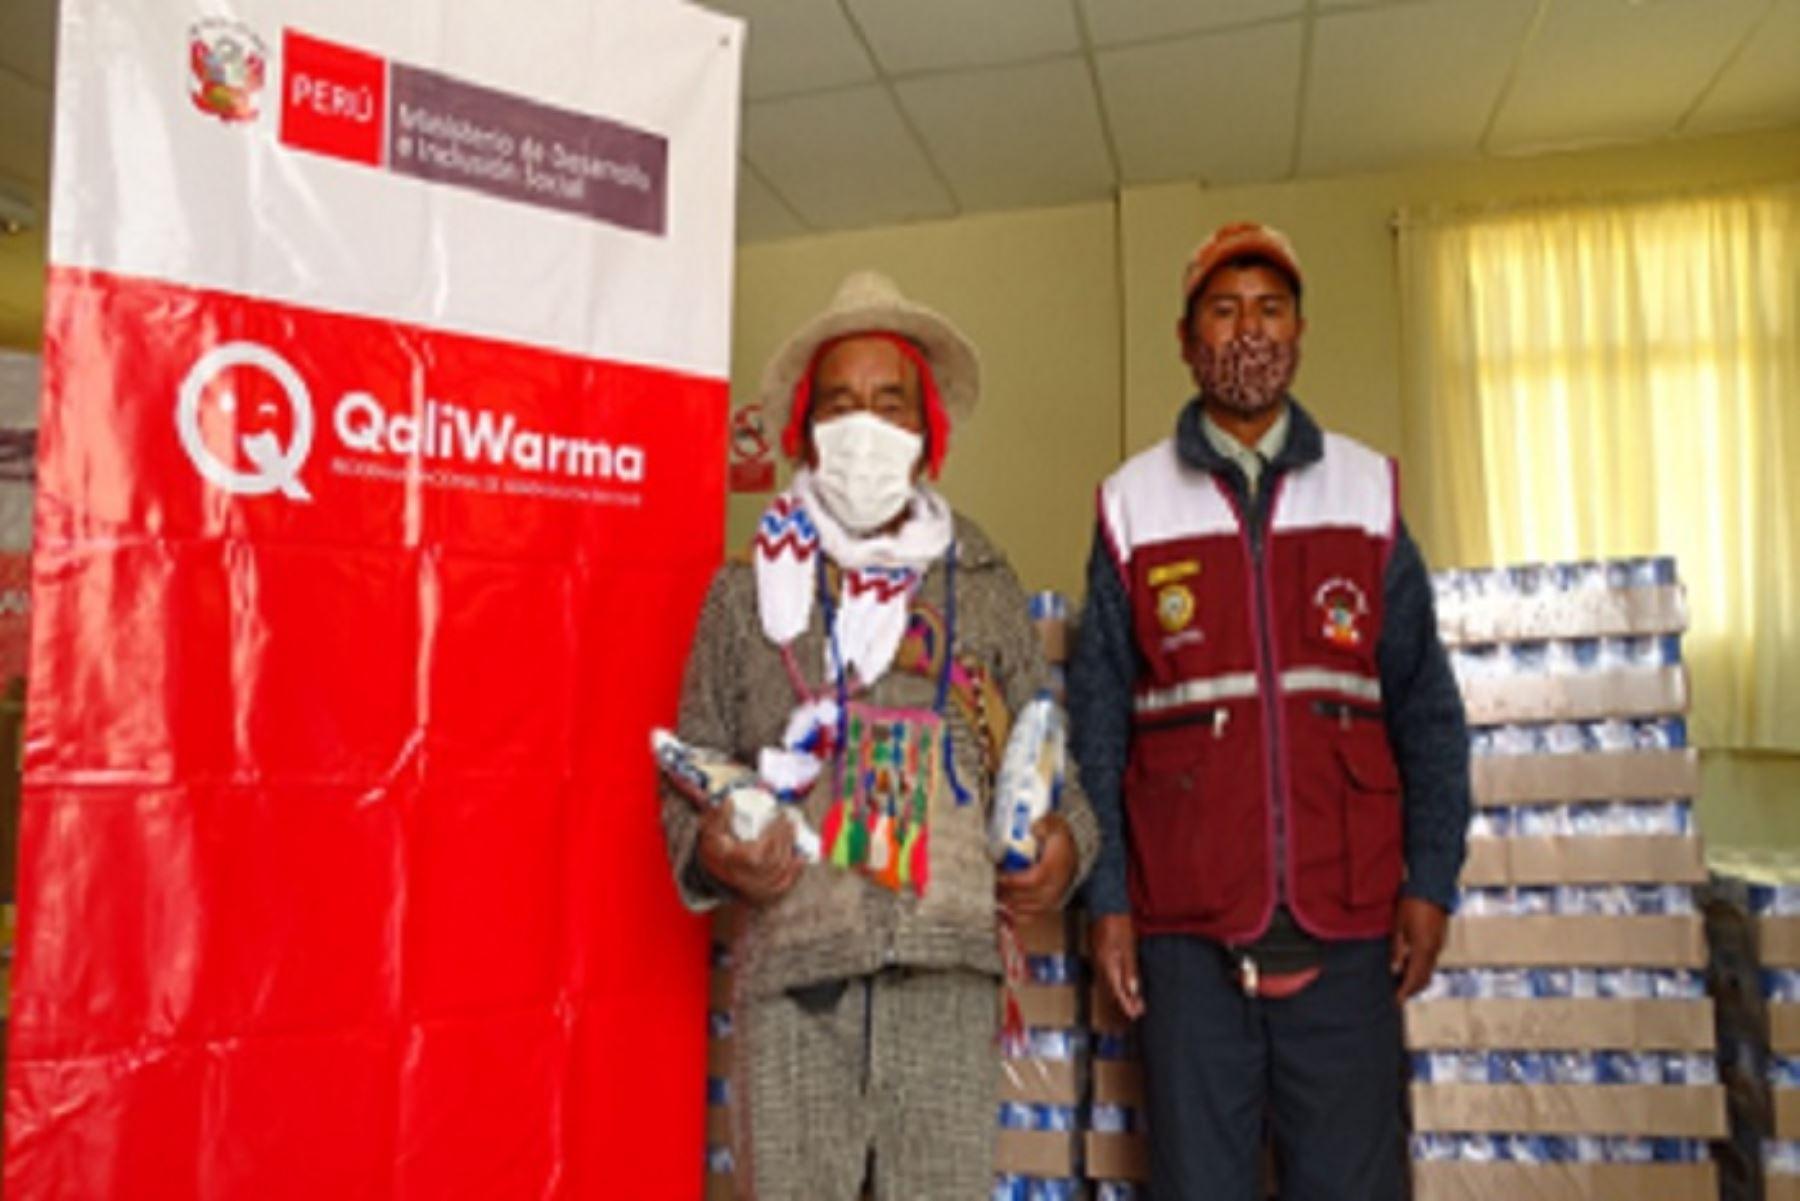 comunidades-andinas-de-arequipa-reciben-mas-de-283-t-de-alimentos-de-qali-warma